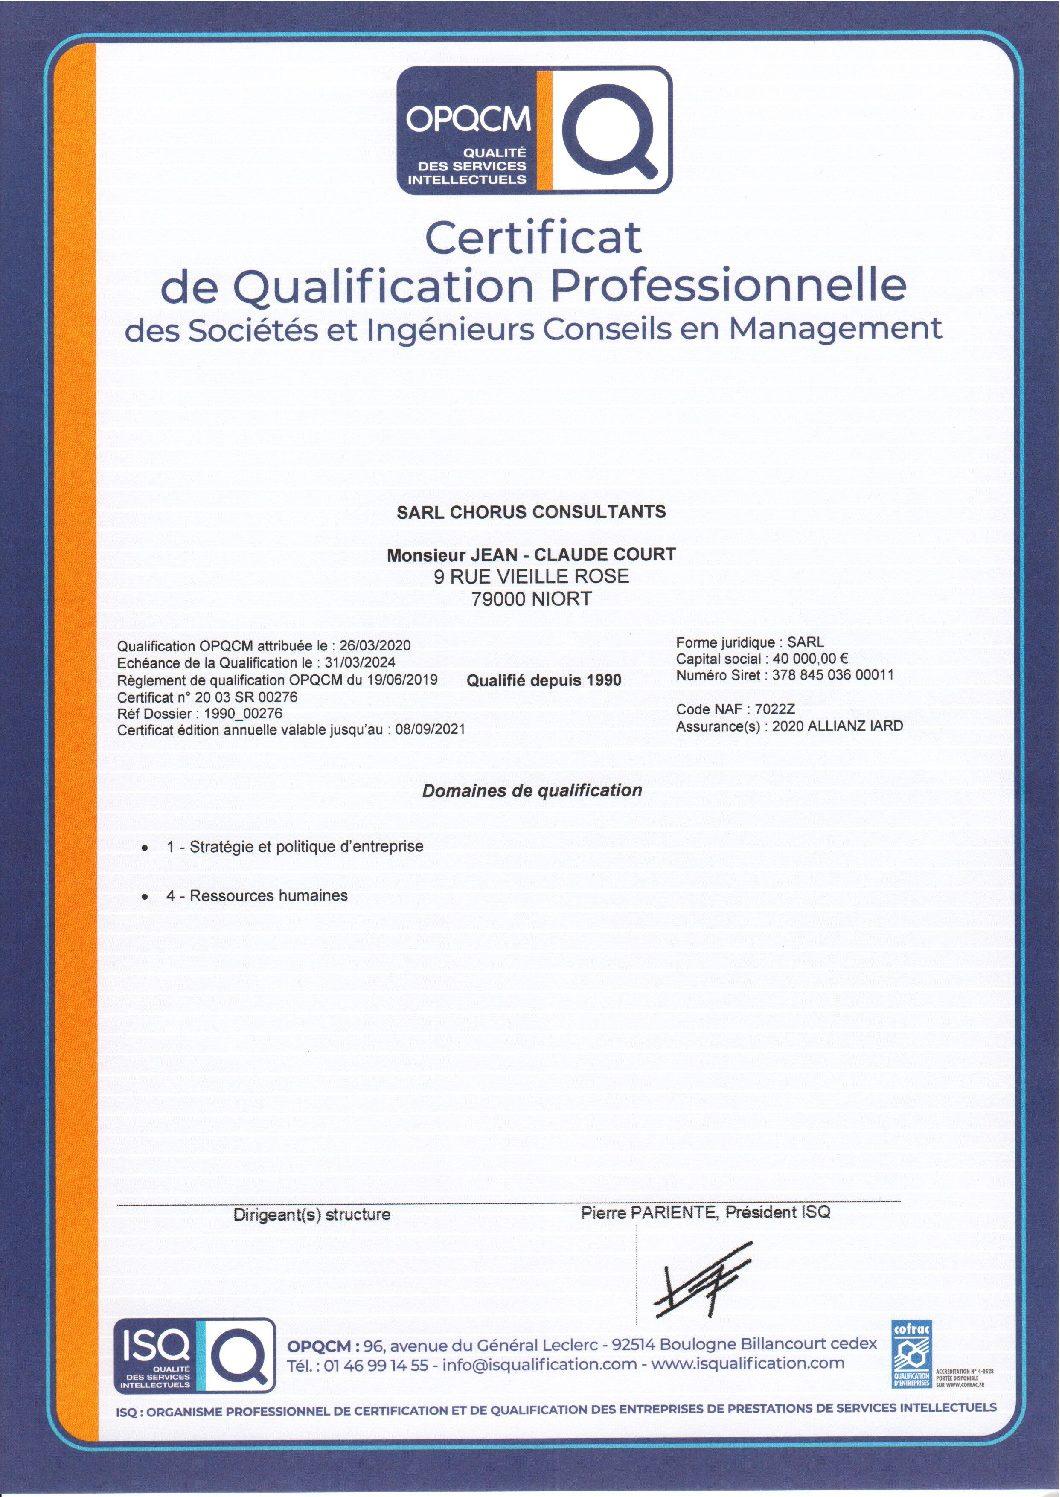 certification OPQCM qaulification professionnelle prestations de services intellectuels